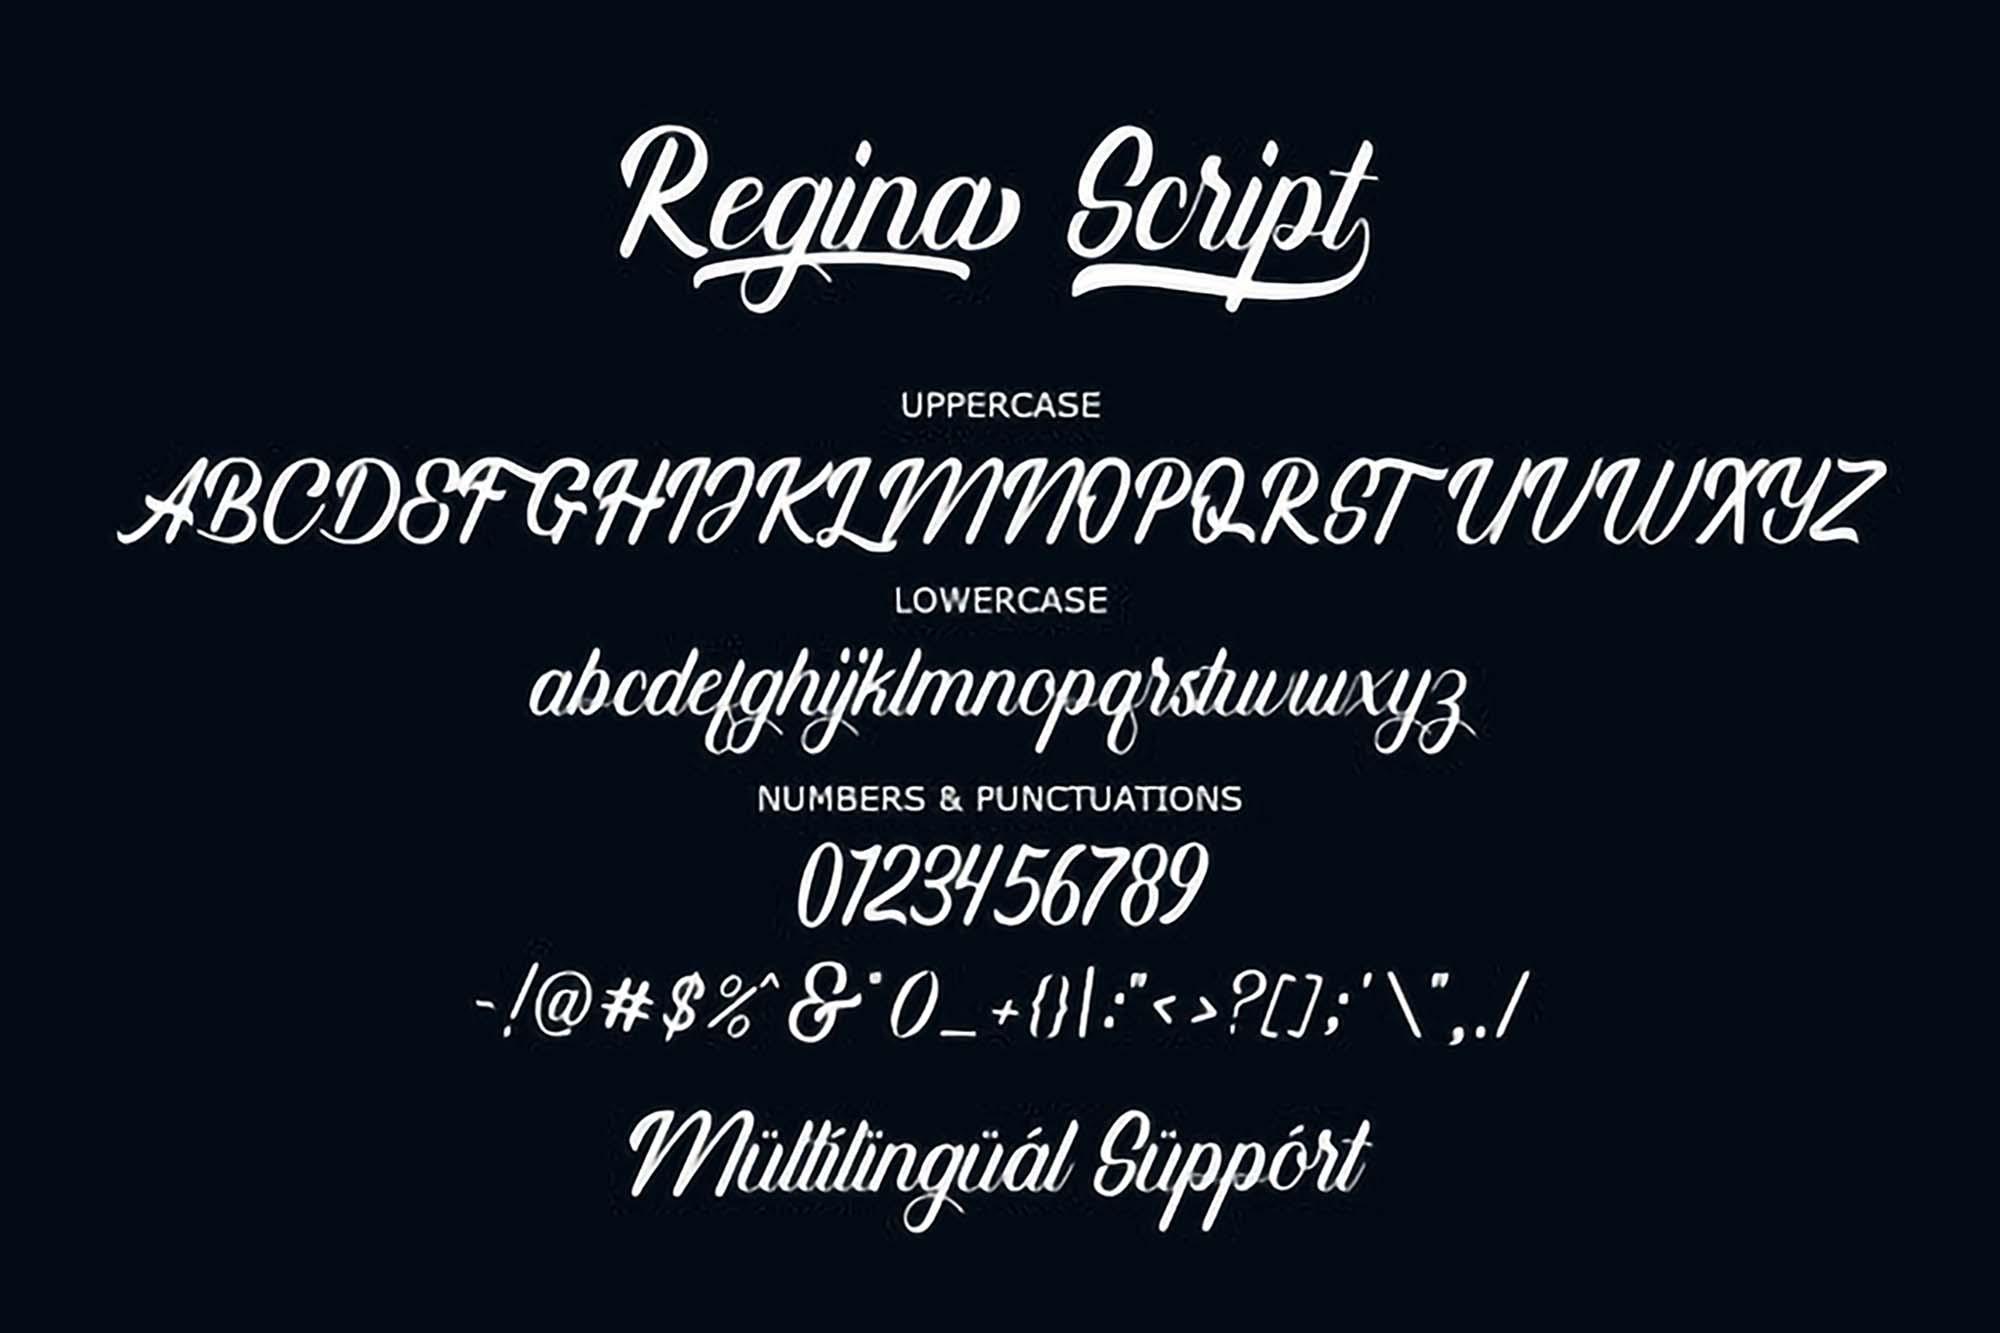 Refina Script Font 4